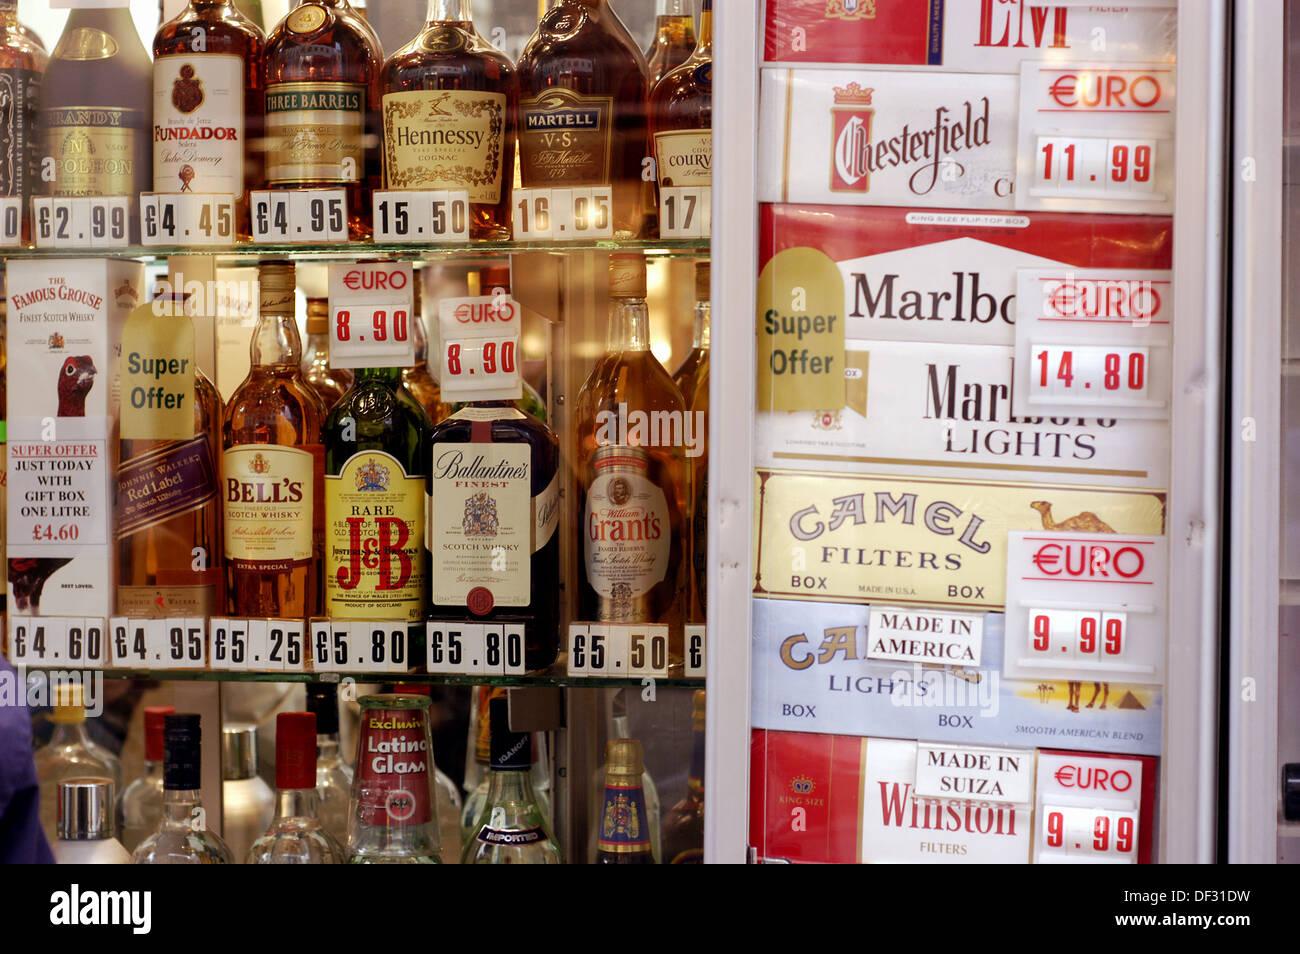 Carton Marlboro cigarettes in Delaware